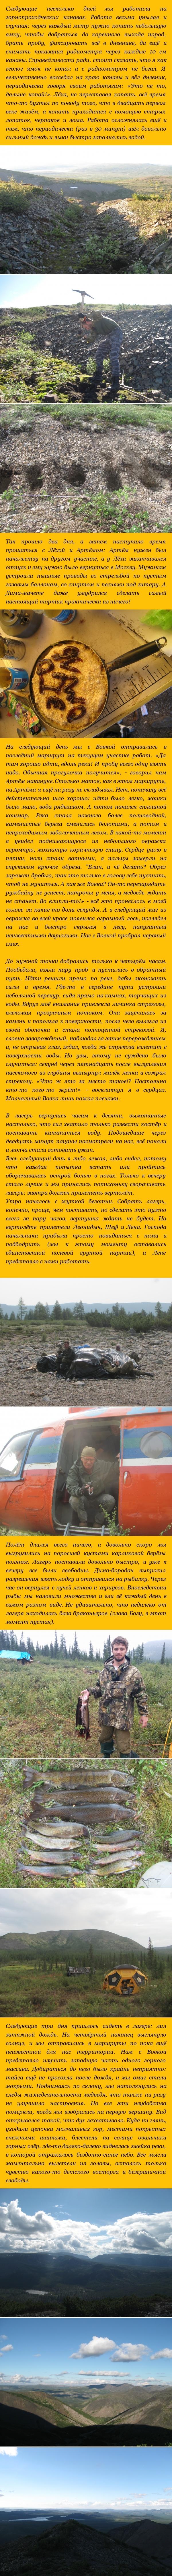 Заметки геолога. Стрекозы долго не живут. Якутия, 2015, Геология, геологи, тайга, видео, длиннопост